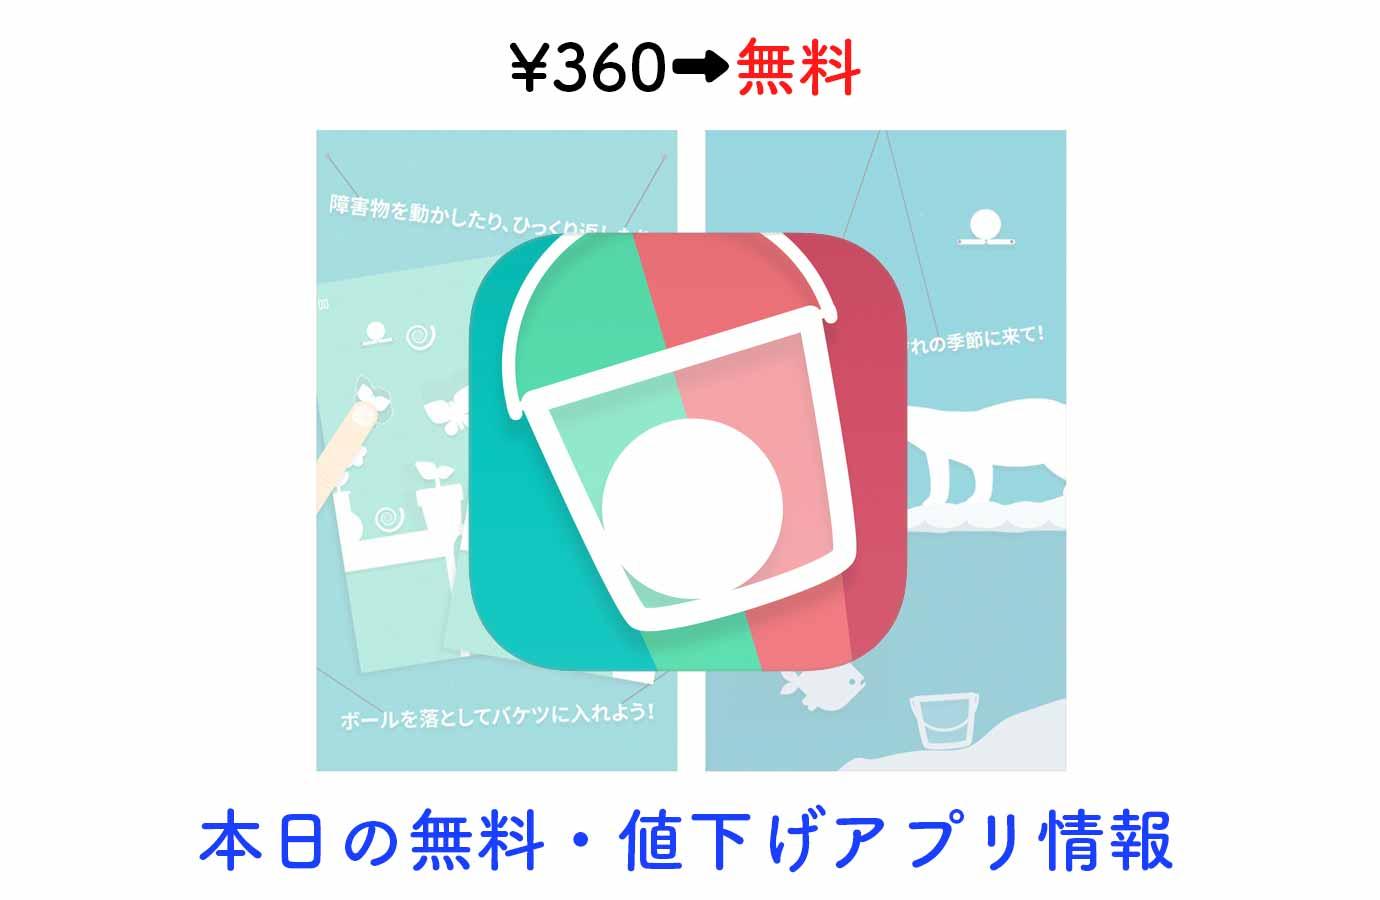 ¥360→無料、ボールを落としてバケツに入れる物理パズル「Drop Flip Seasons」など【9/29】本日の無料・値下げアプリ情報